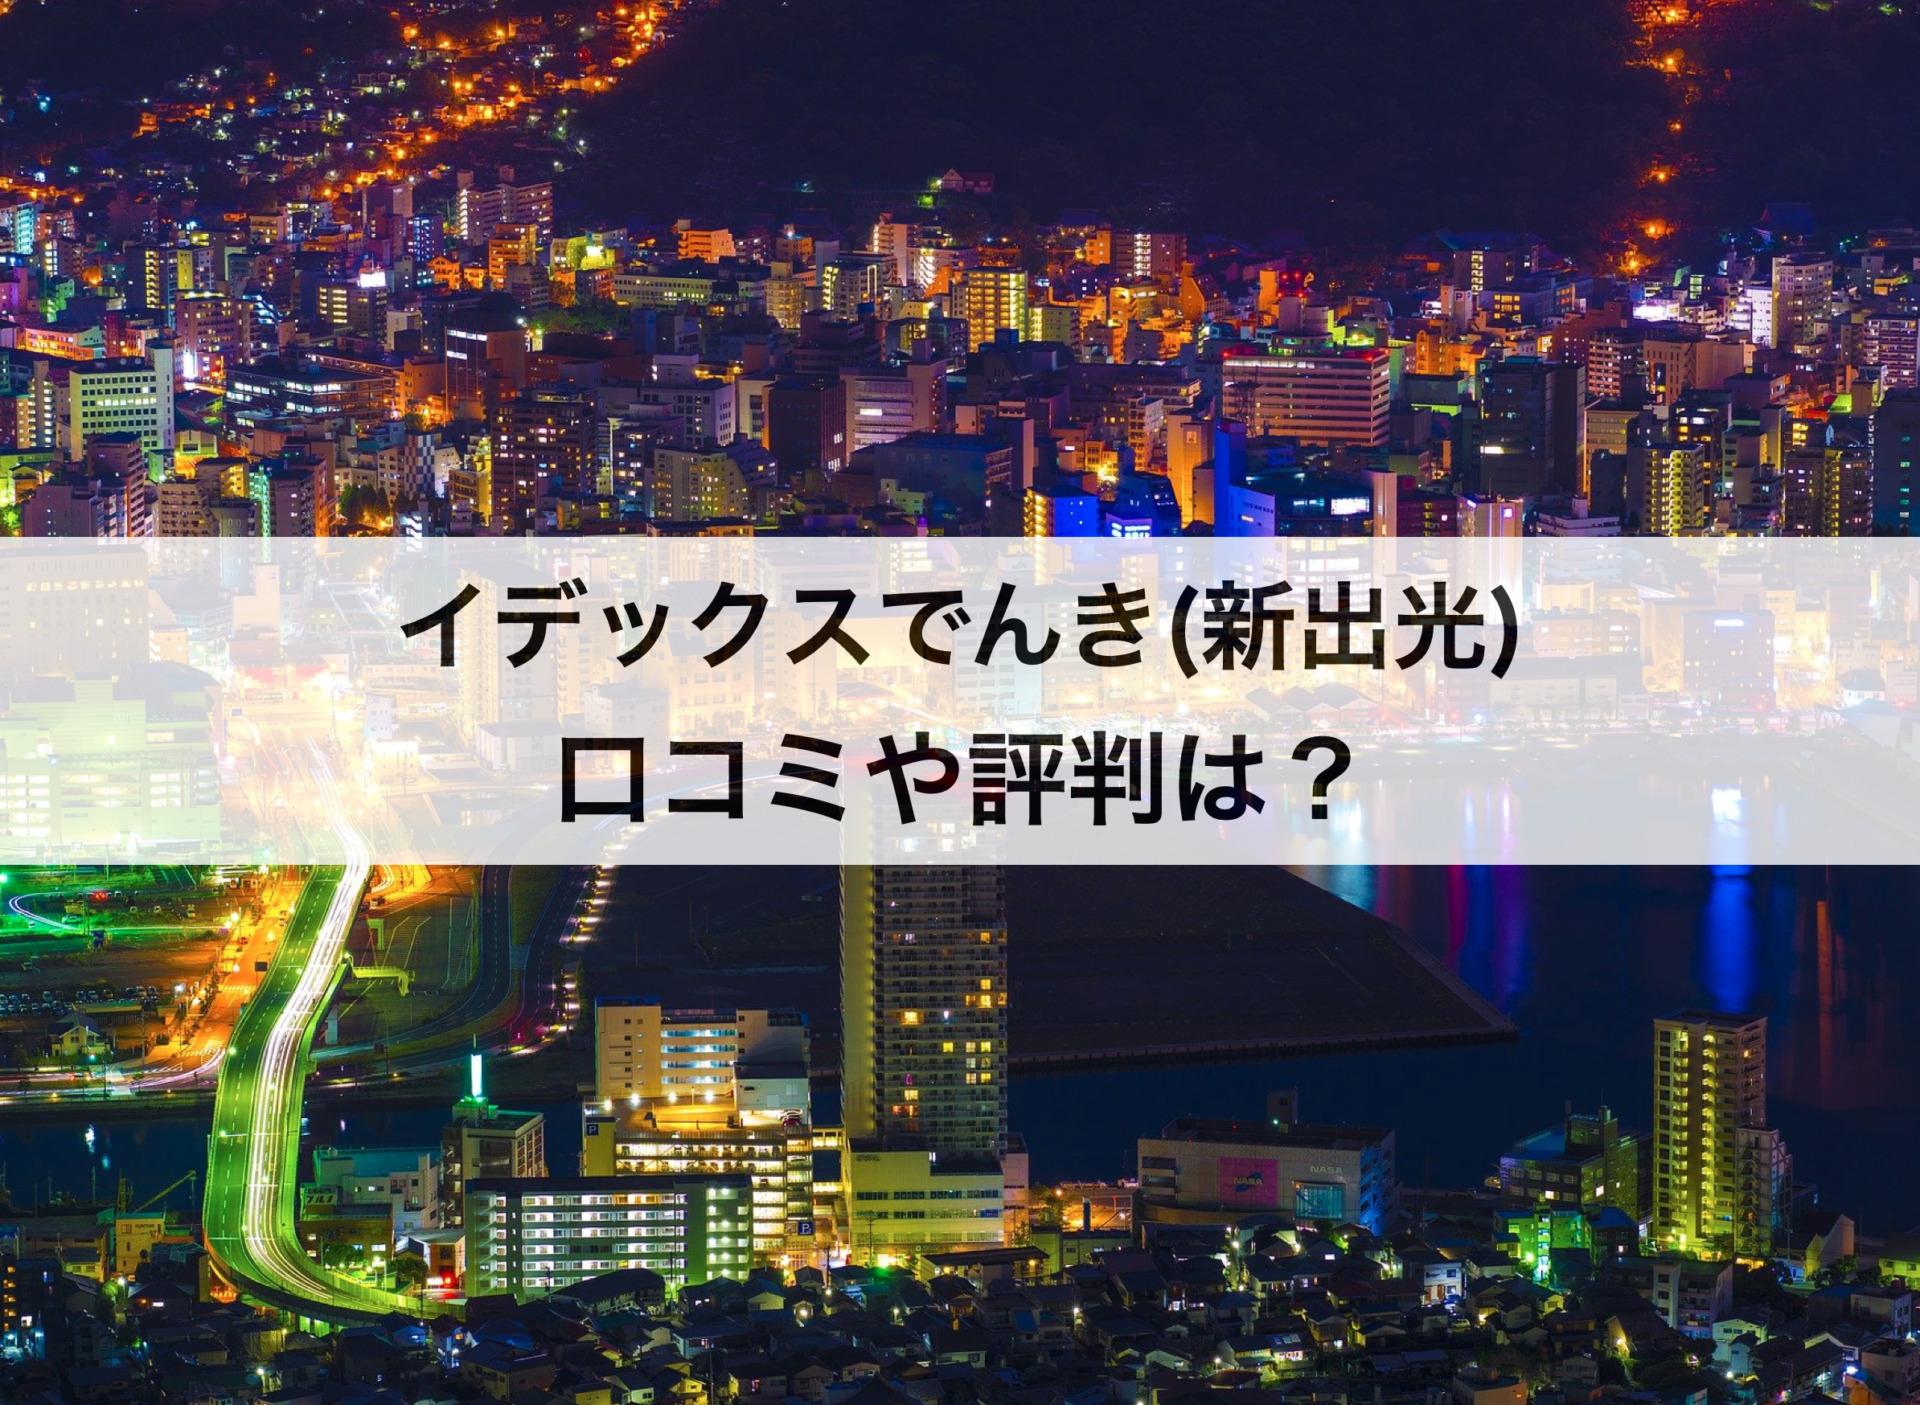 イデックスでんき(新出光)の口コミや評判|九州電力と比較して安い?